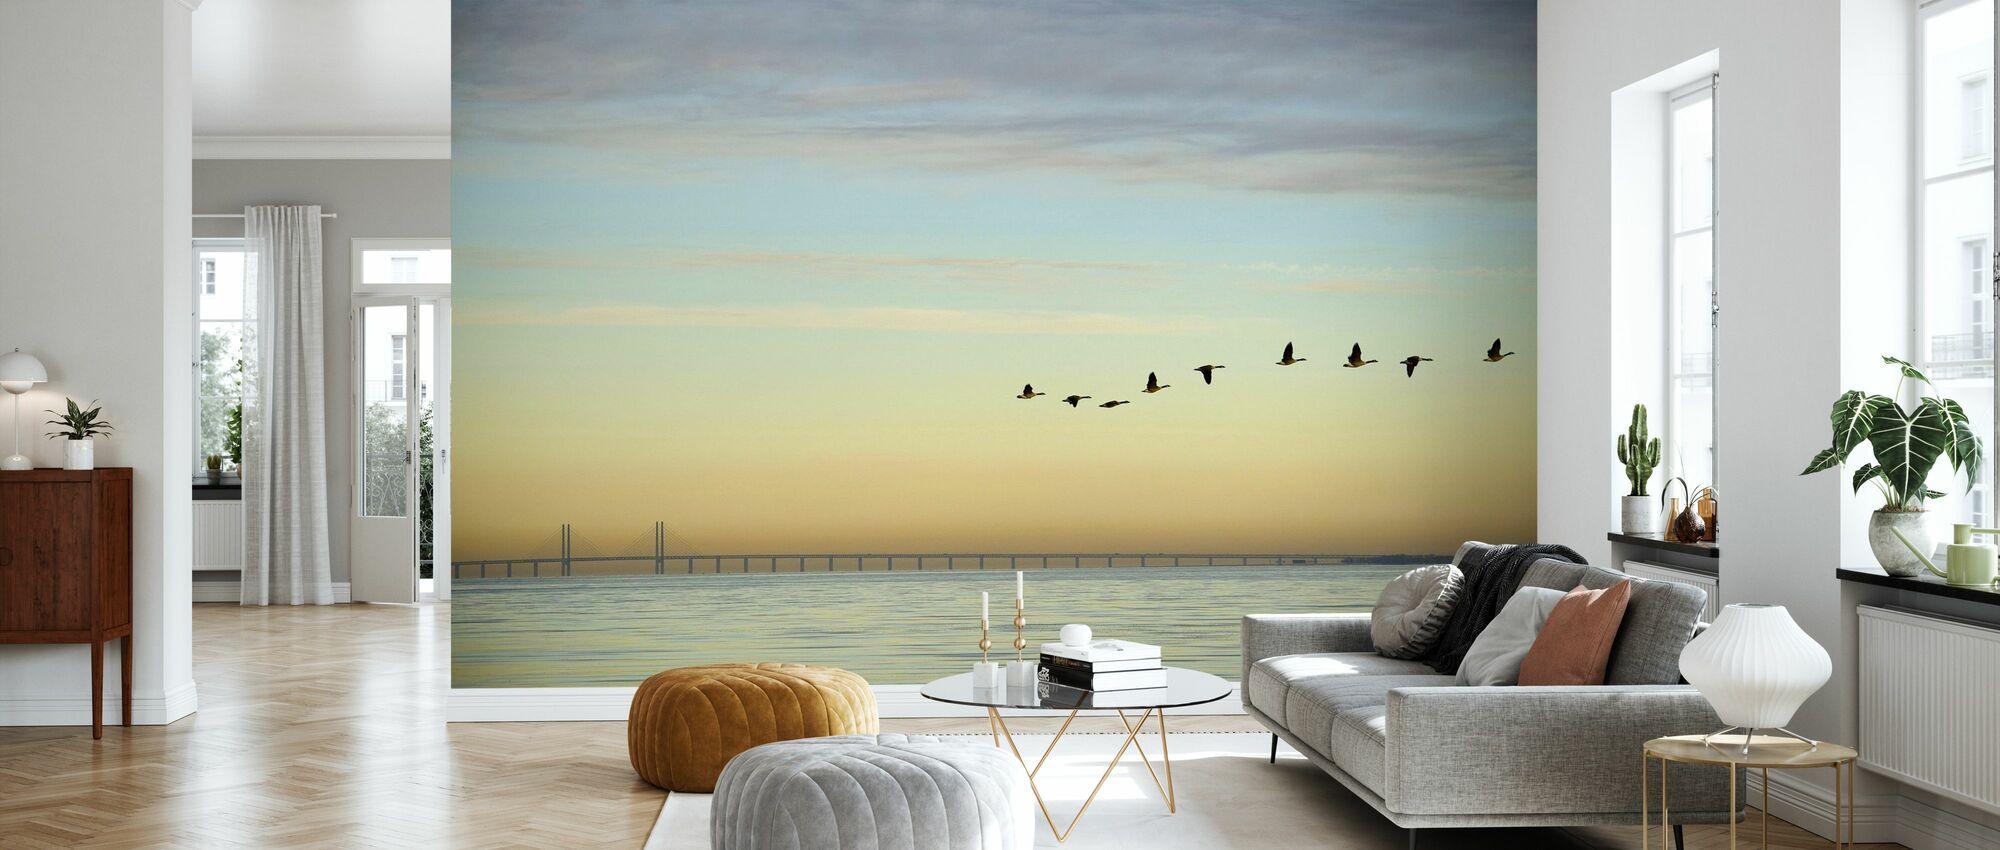 Flock of Birds - Wallpaper - Living Room